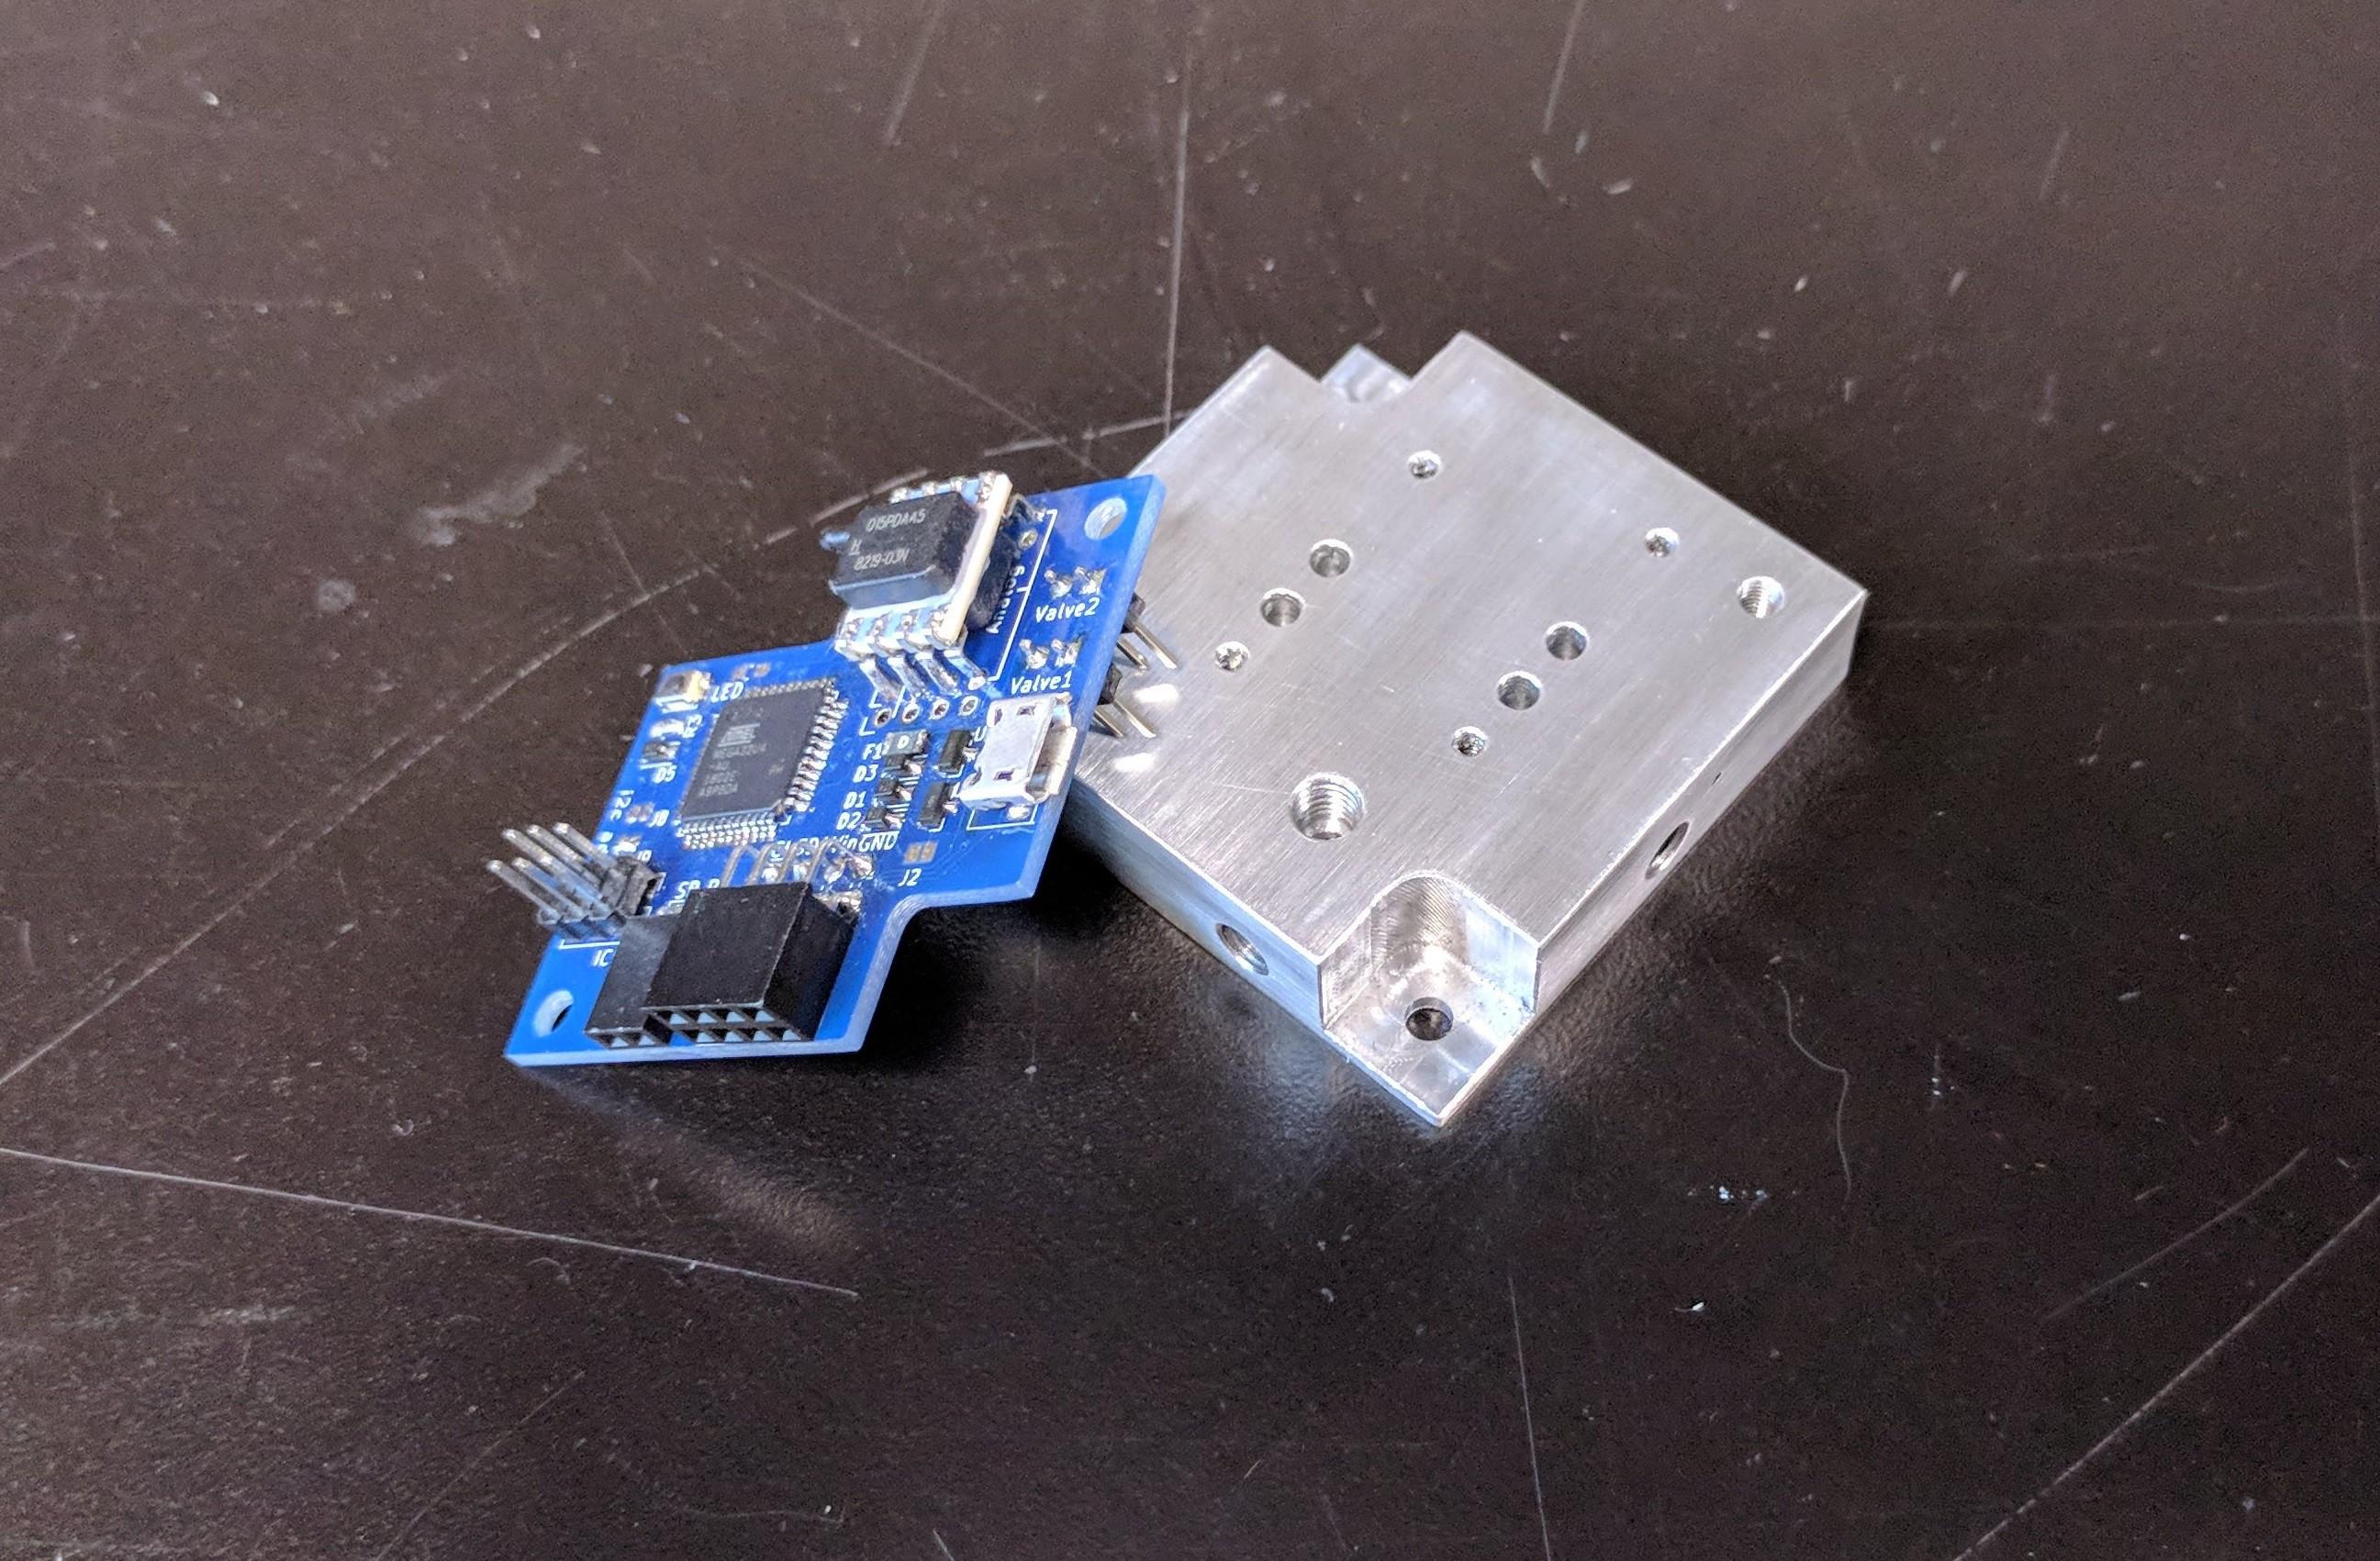 Electronic pressure regulator | Hackaday io